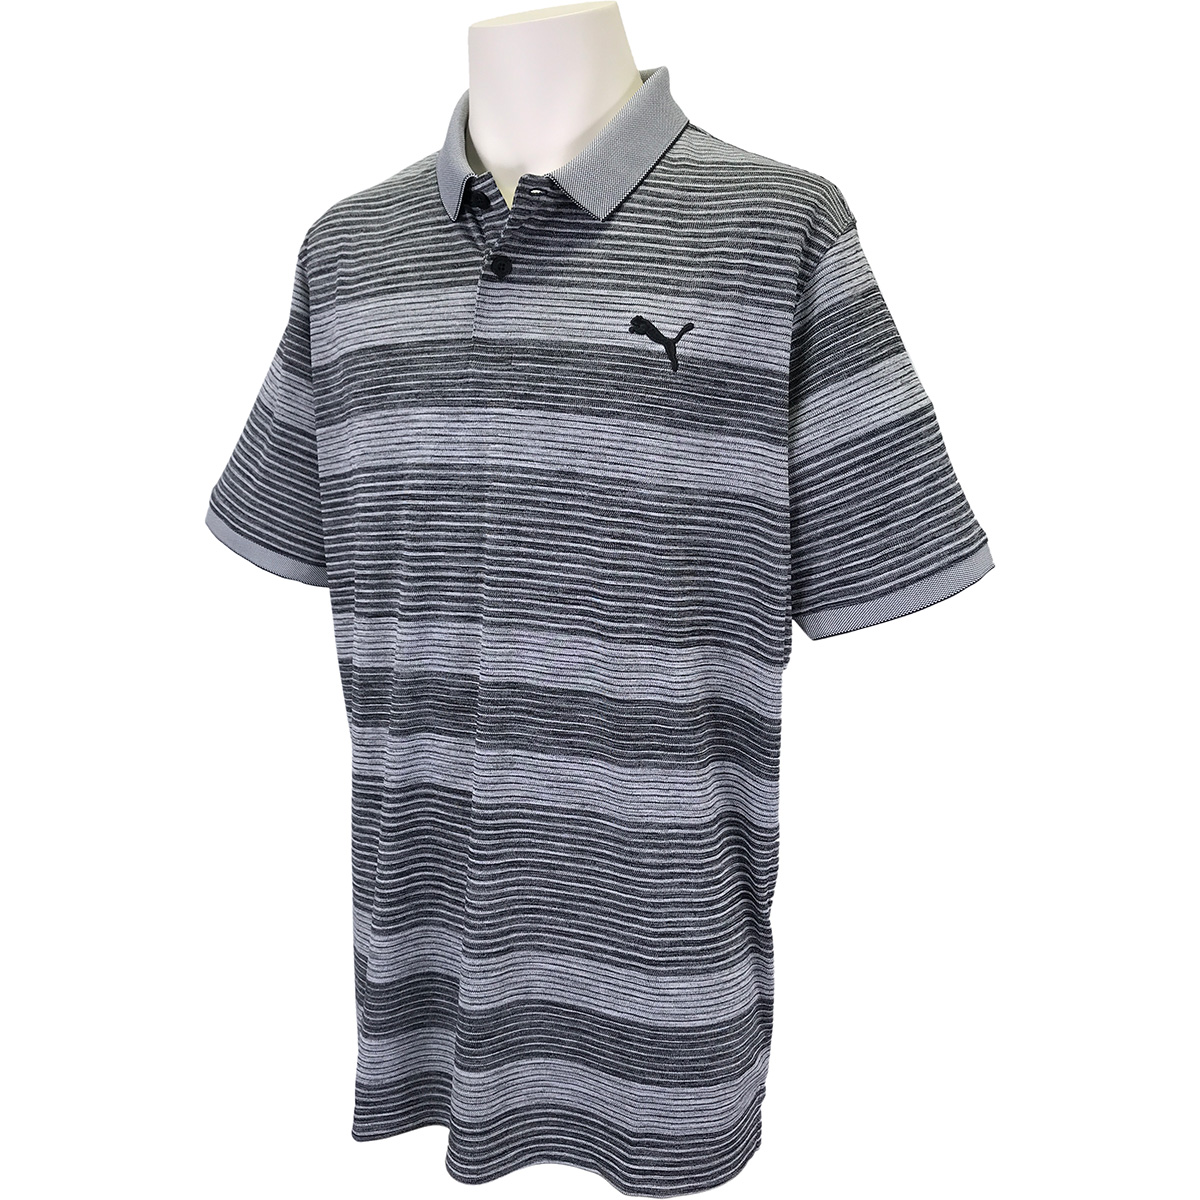 ランディング 半袖ポロシャツ【USモデル】